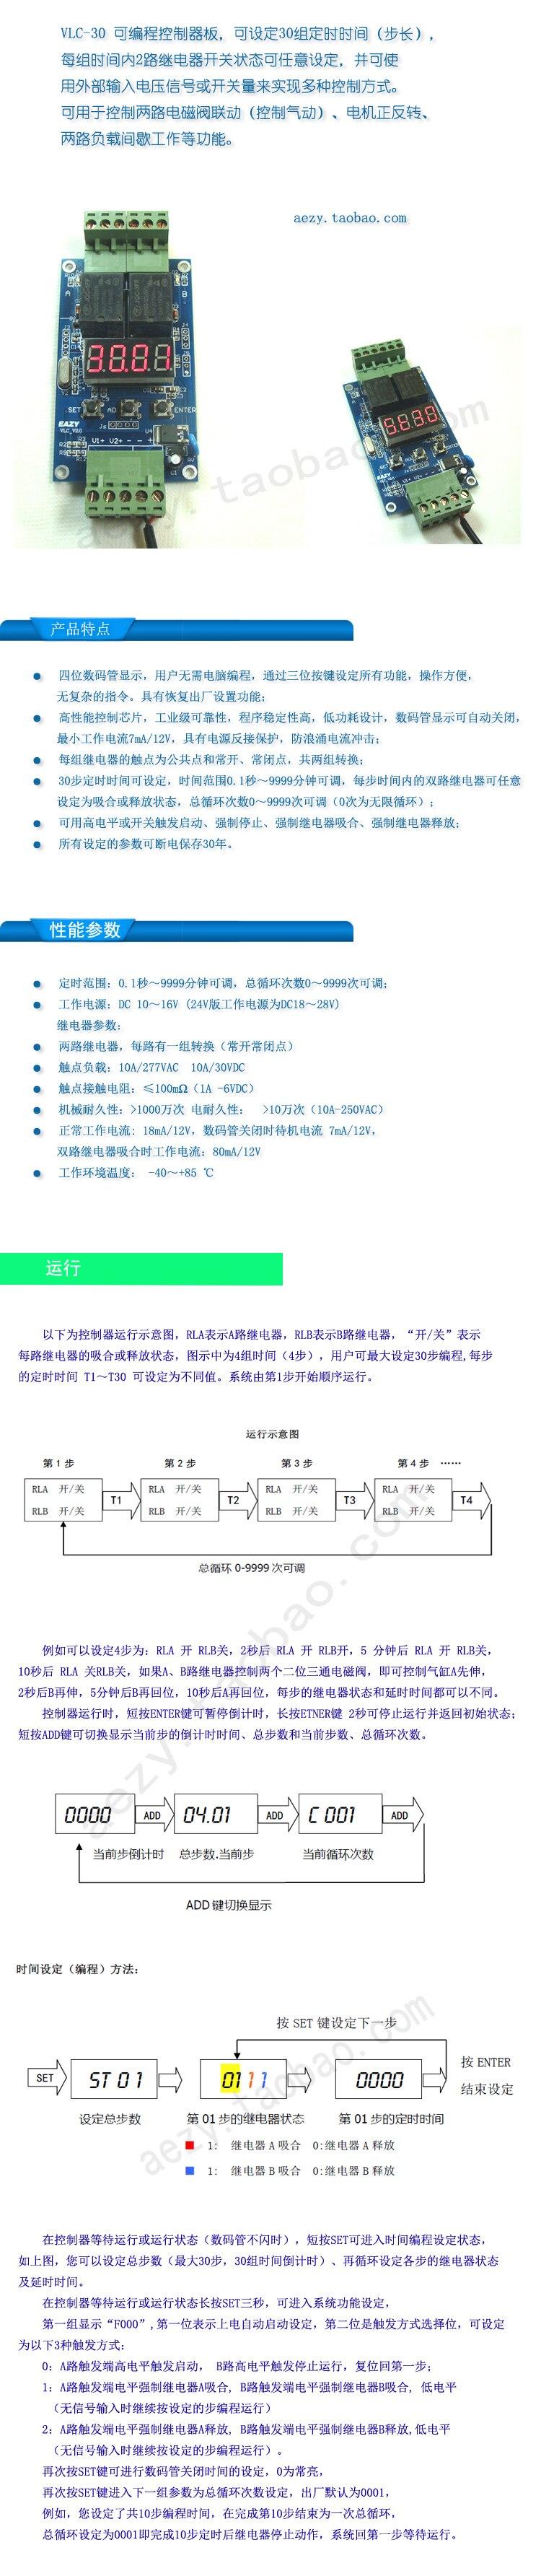 30 шаг программируемый реле времени Multi раздел выключения Multi группа синхронизации двойной путь 2 управление доска